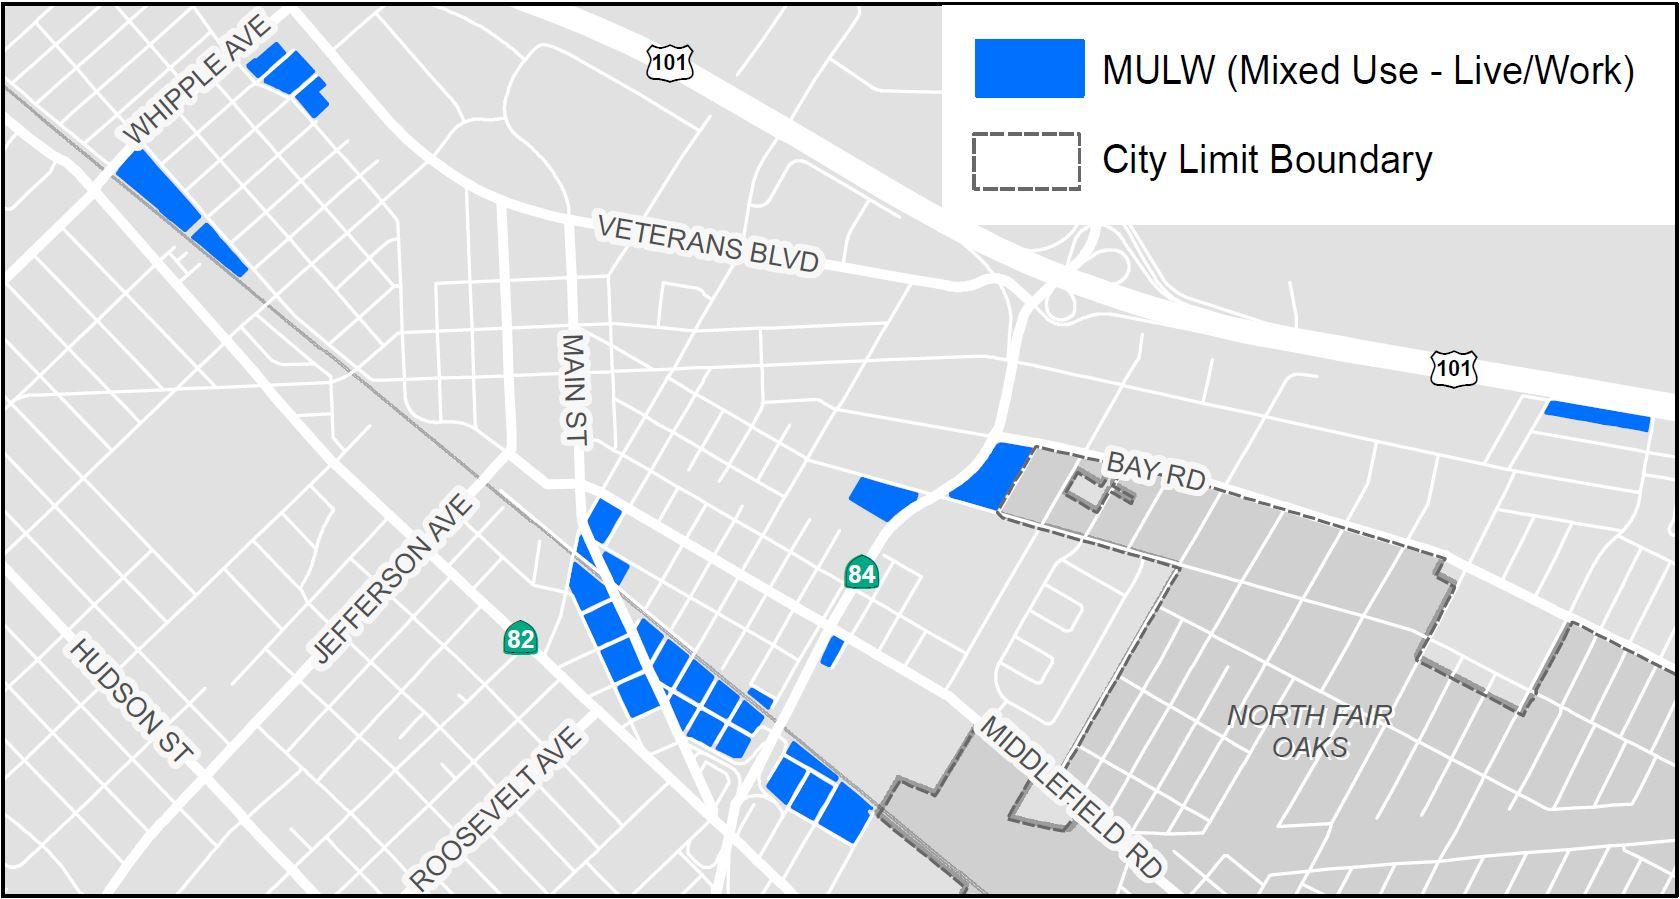 MULW map simplied